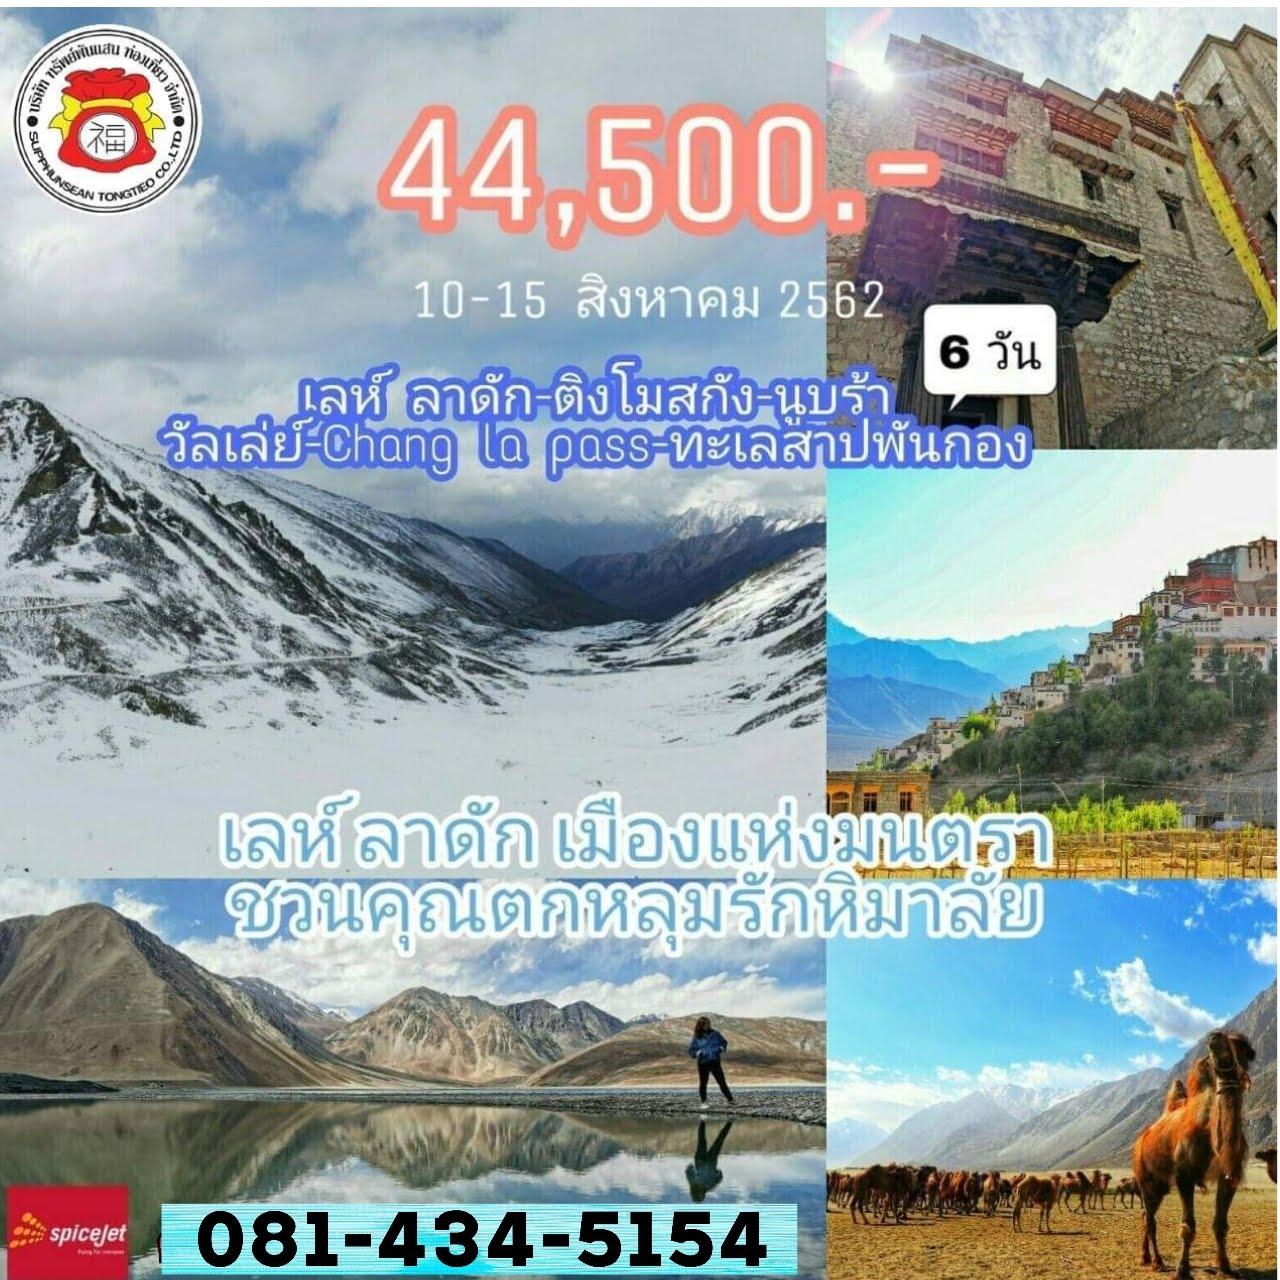 Tour Leh Ladakh